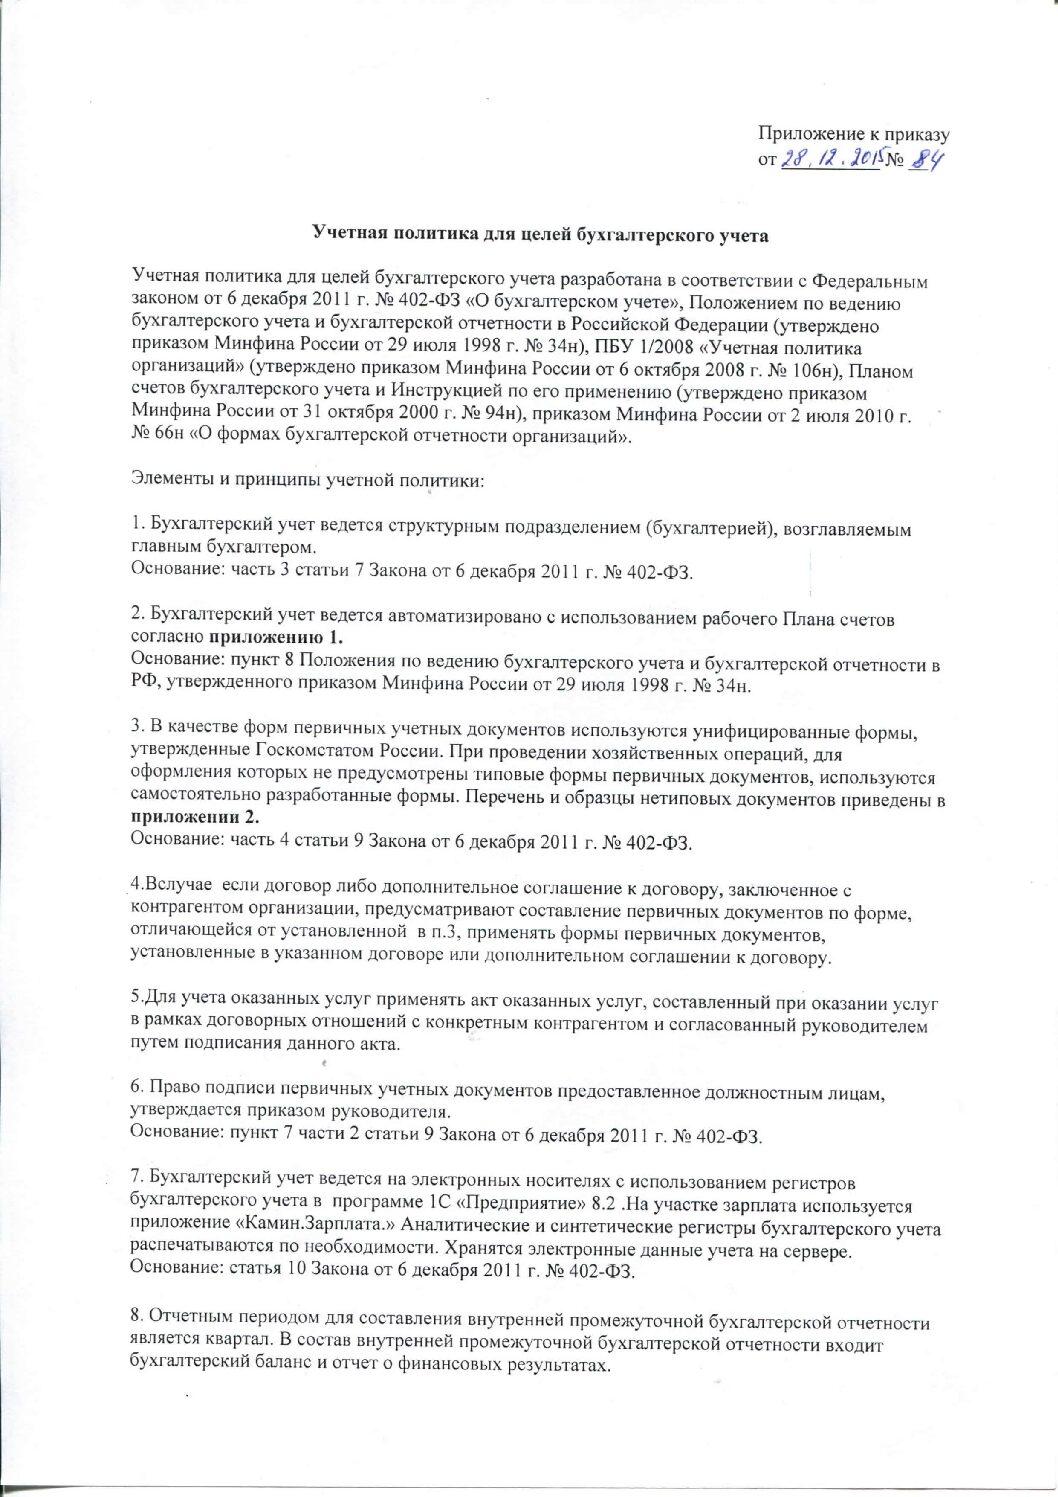 Учетная политика для целей бухгалтерского учета. Приложение к приказу 84 от 28.12.2015.